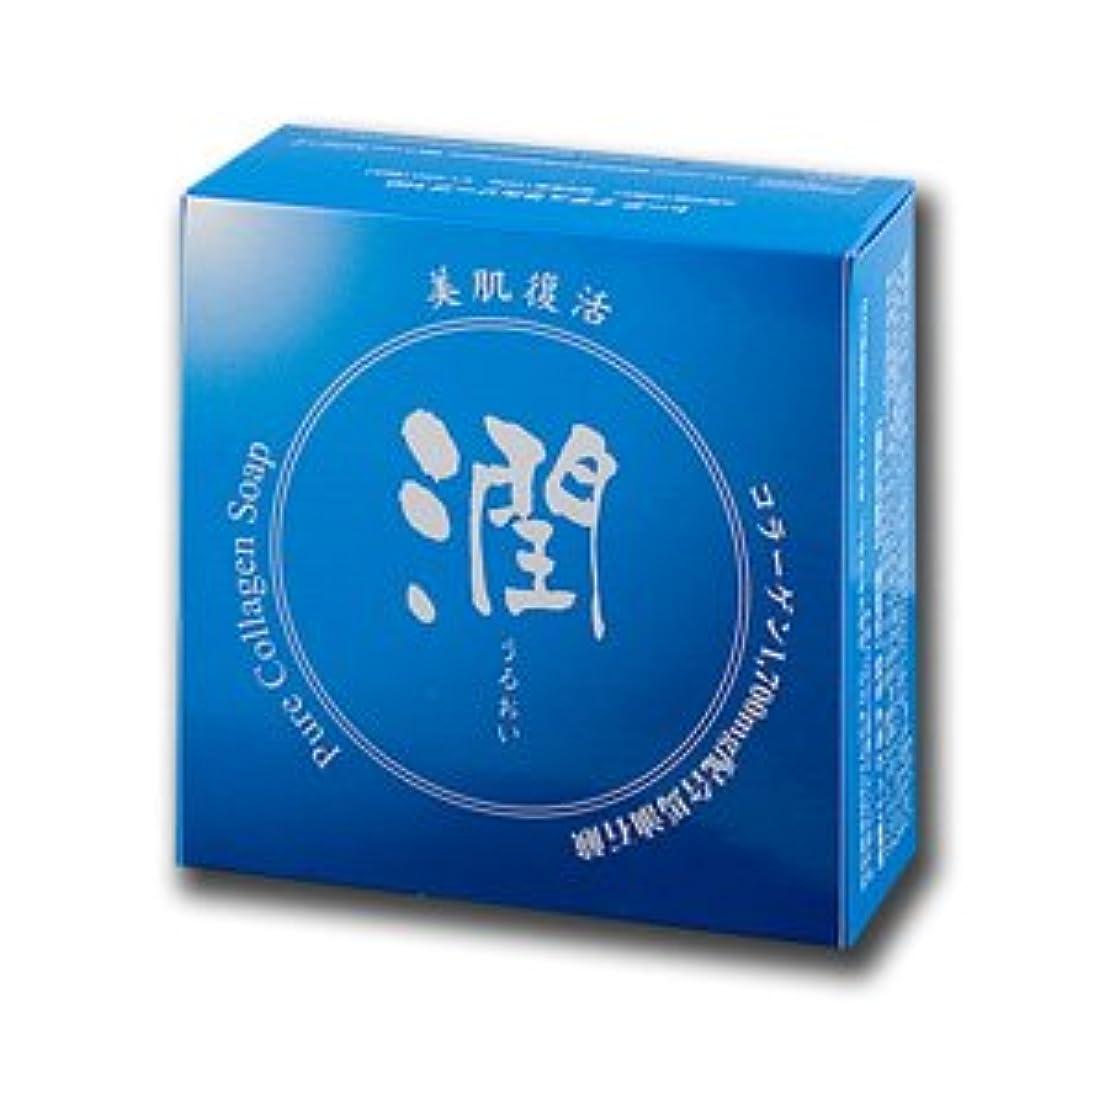 原始的な雇用者市町村コラーゲン馬油石鹸 潤 100g (#800410) ×10個セット